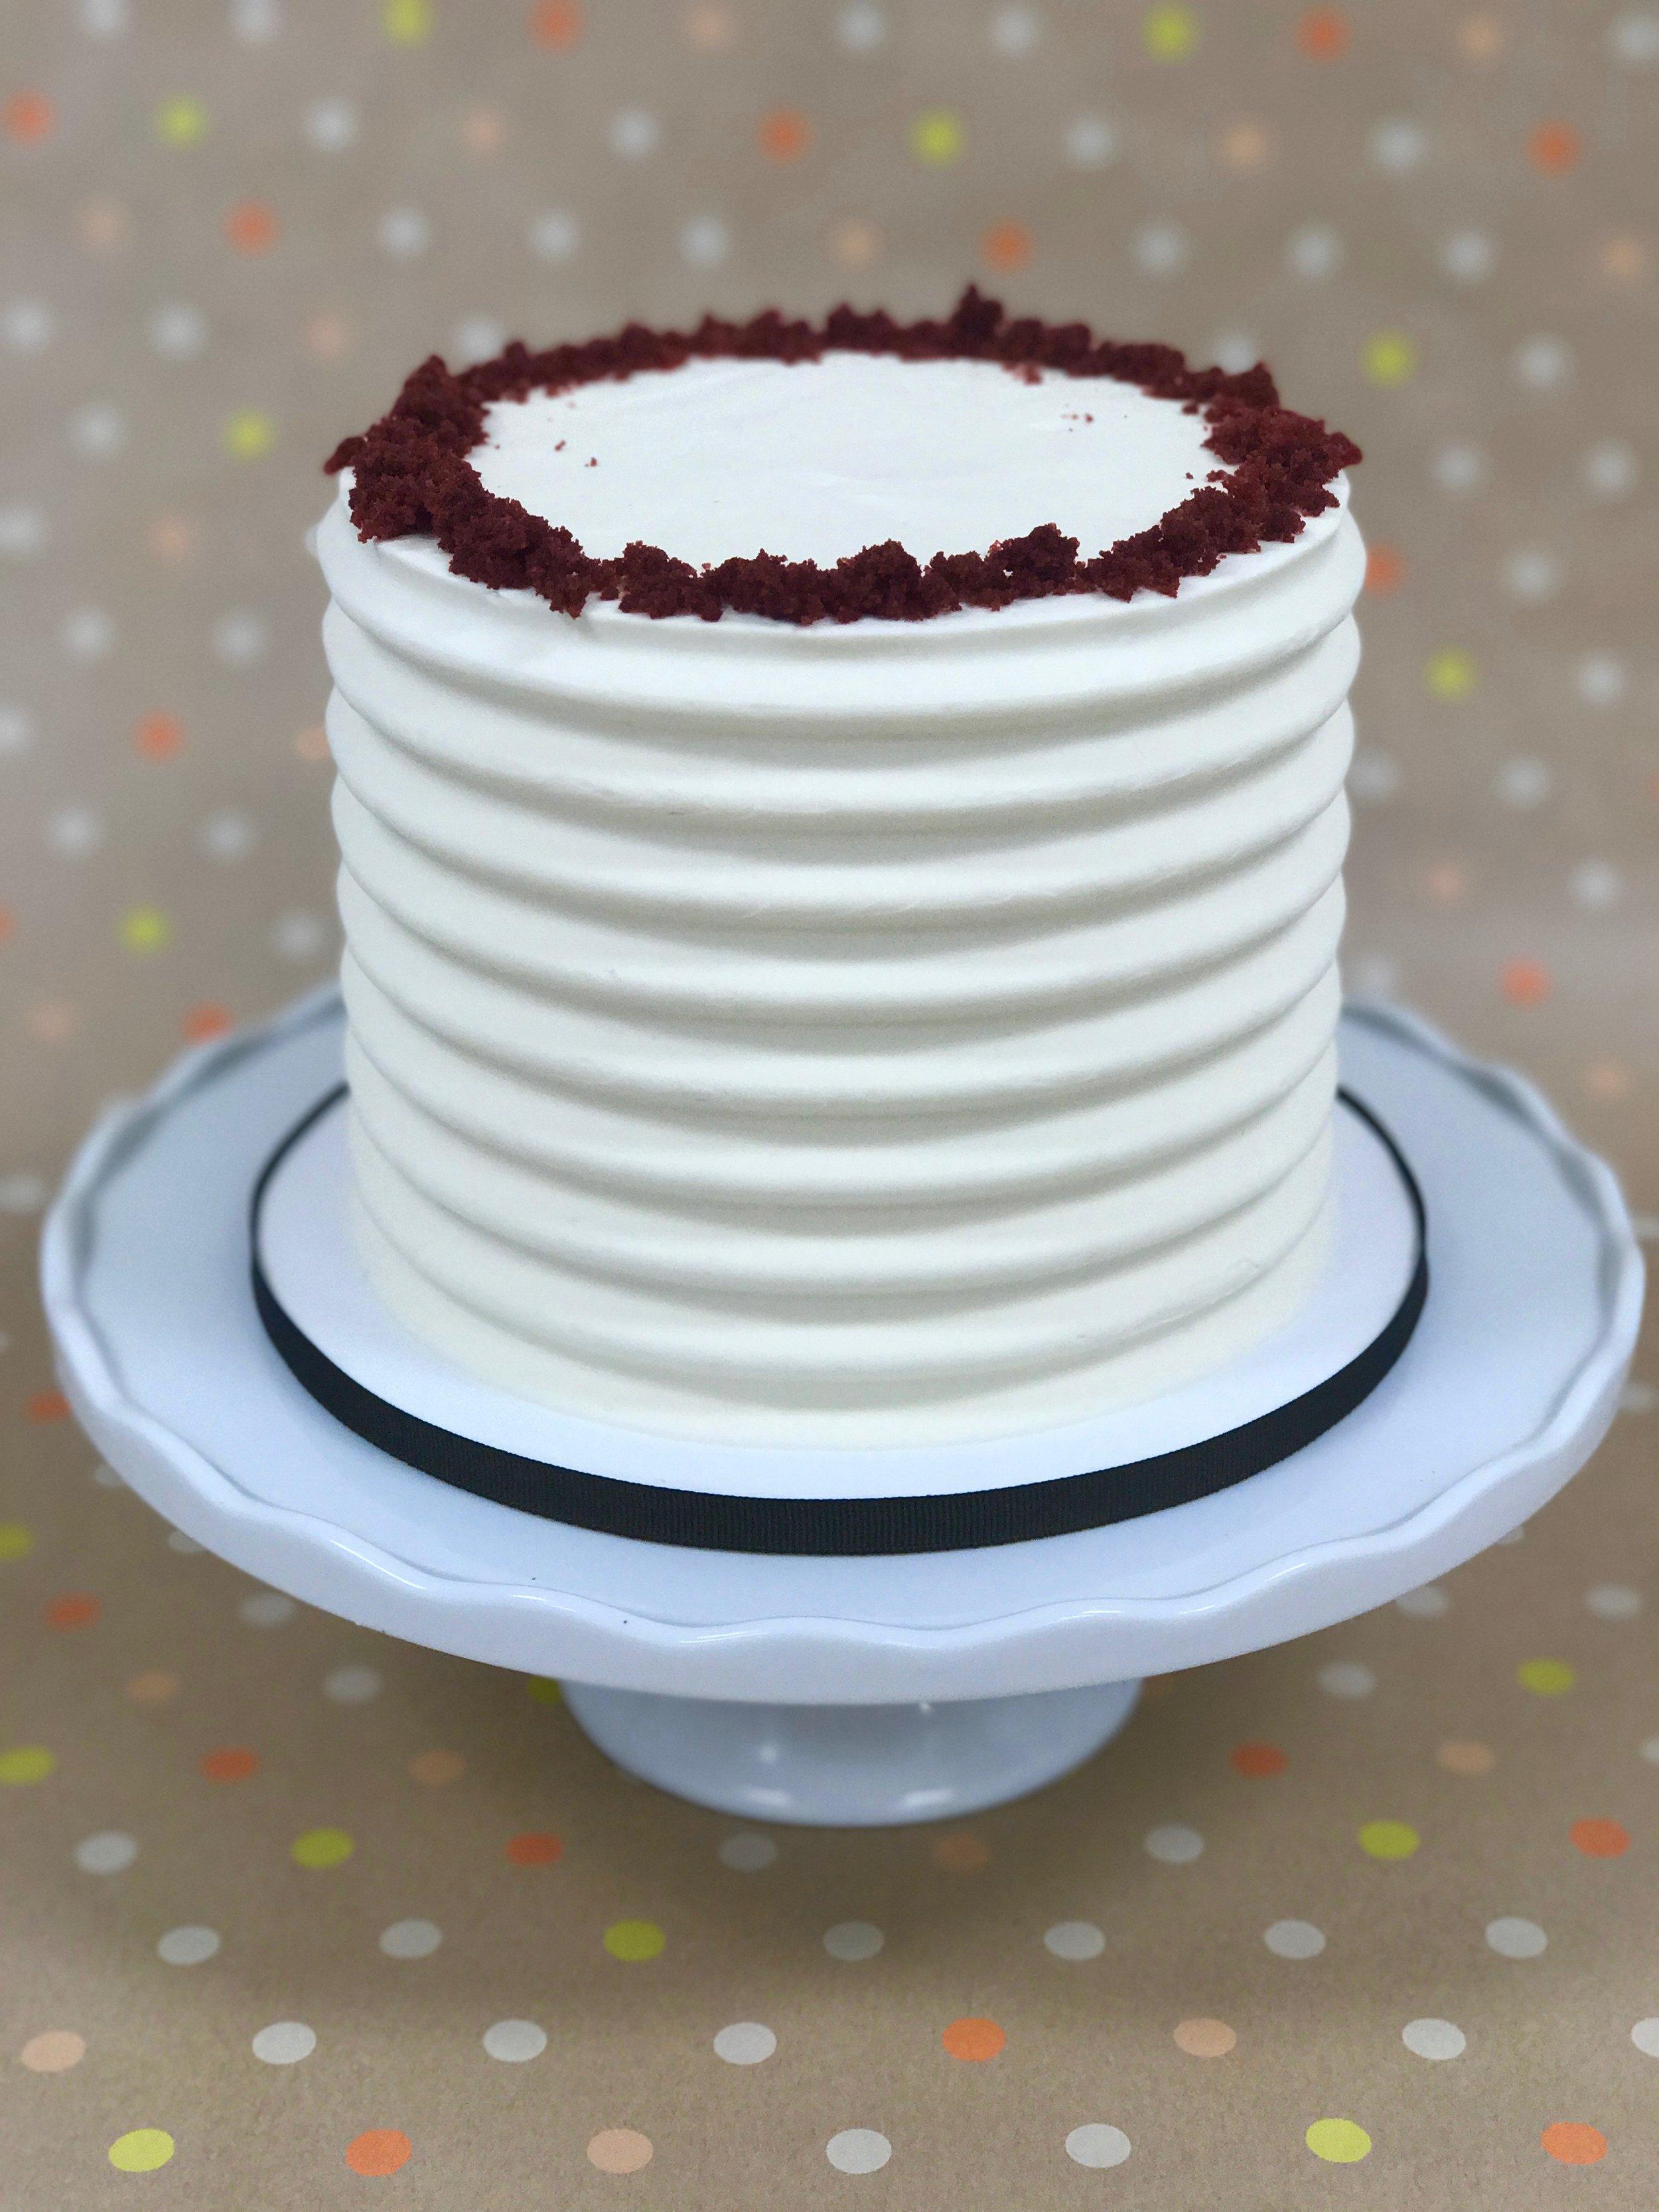 Red Velvet - Cake: Red VelvetFilling: Vanilla Cream CheeseFrosting: Vanilla Swiss Meringue Buttercream and Red Velvet Cake Crumbs